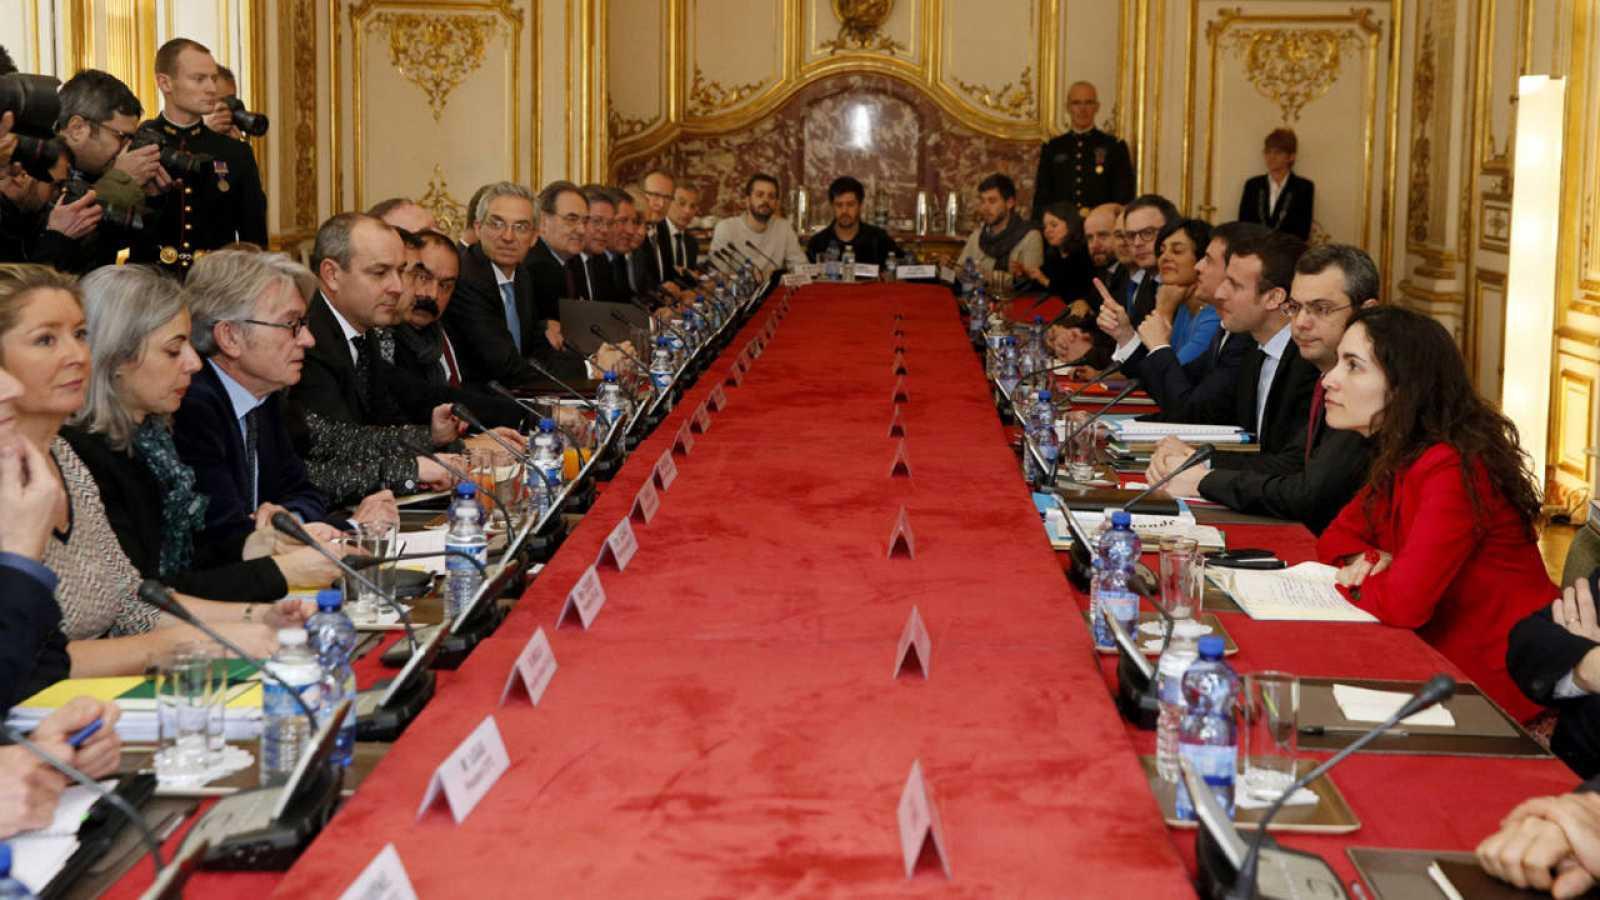 El primer ministro de Francia, Manuel Valls, se reúne con sindicatos y patronal para discutir la reforma laboral